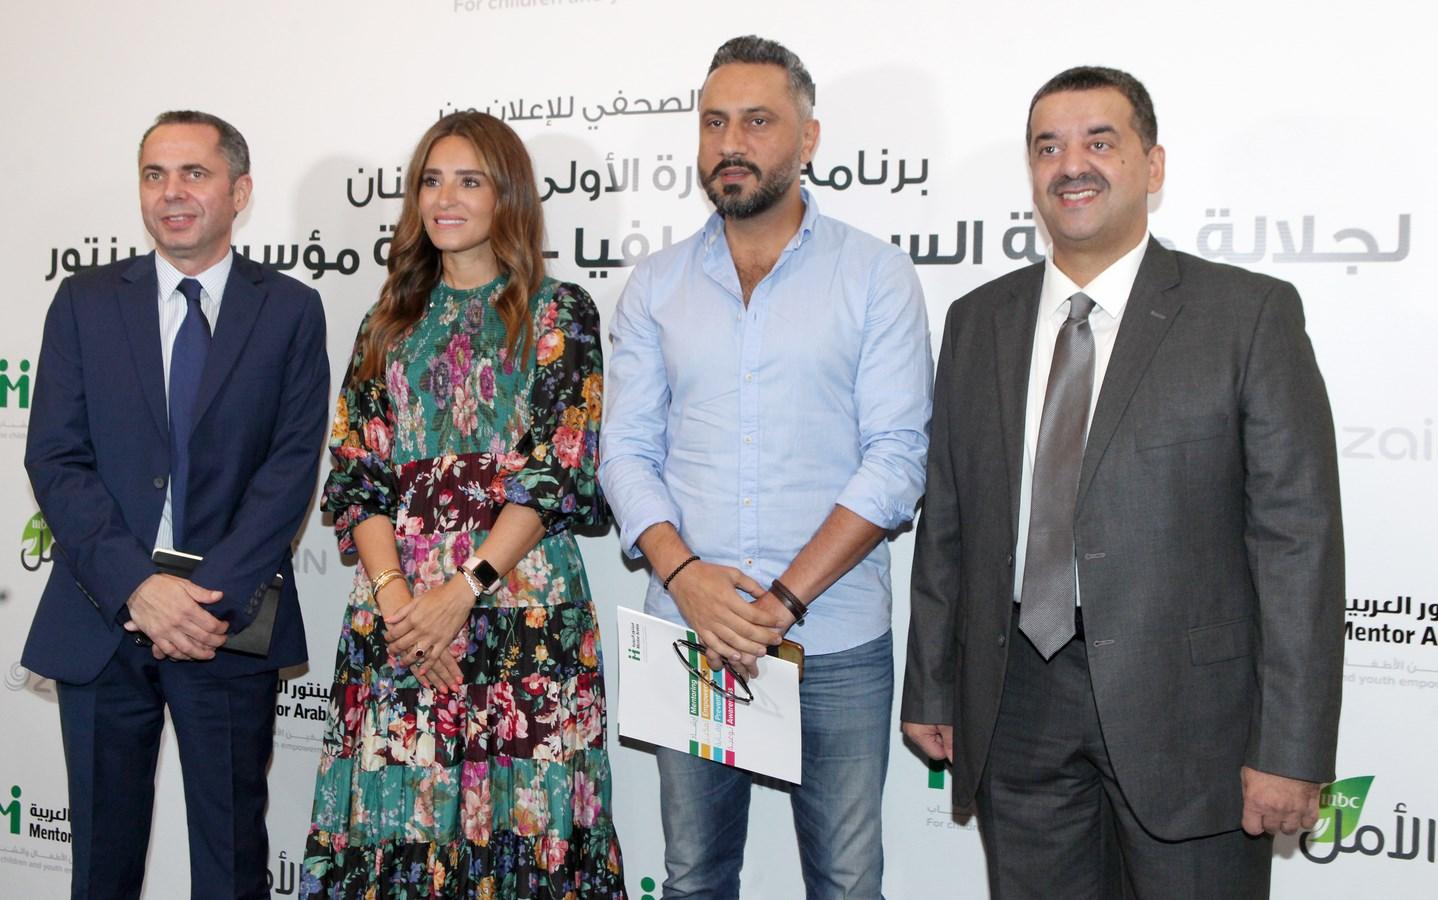 8السيد وليد الخشتي والفنّان قيس الشيخ نجيب وثريا أسماعيل وامري كوغا